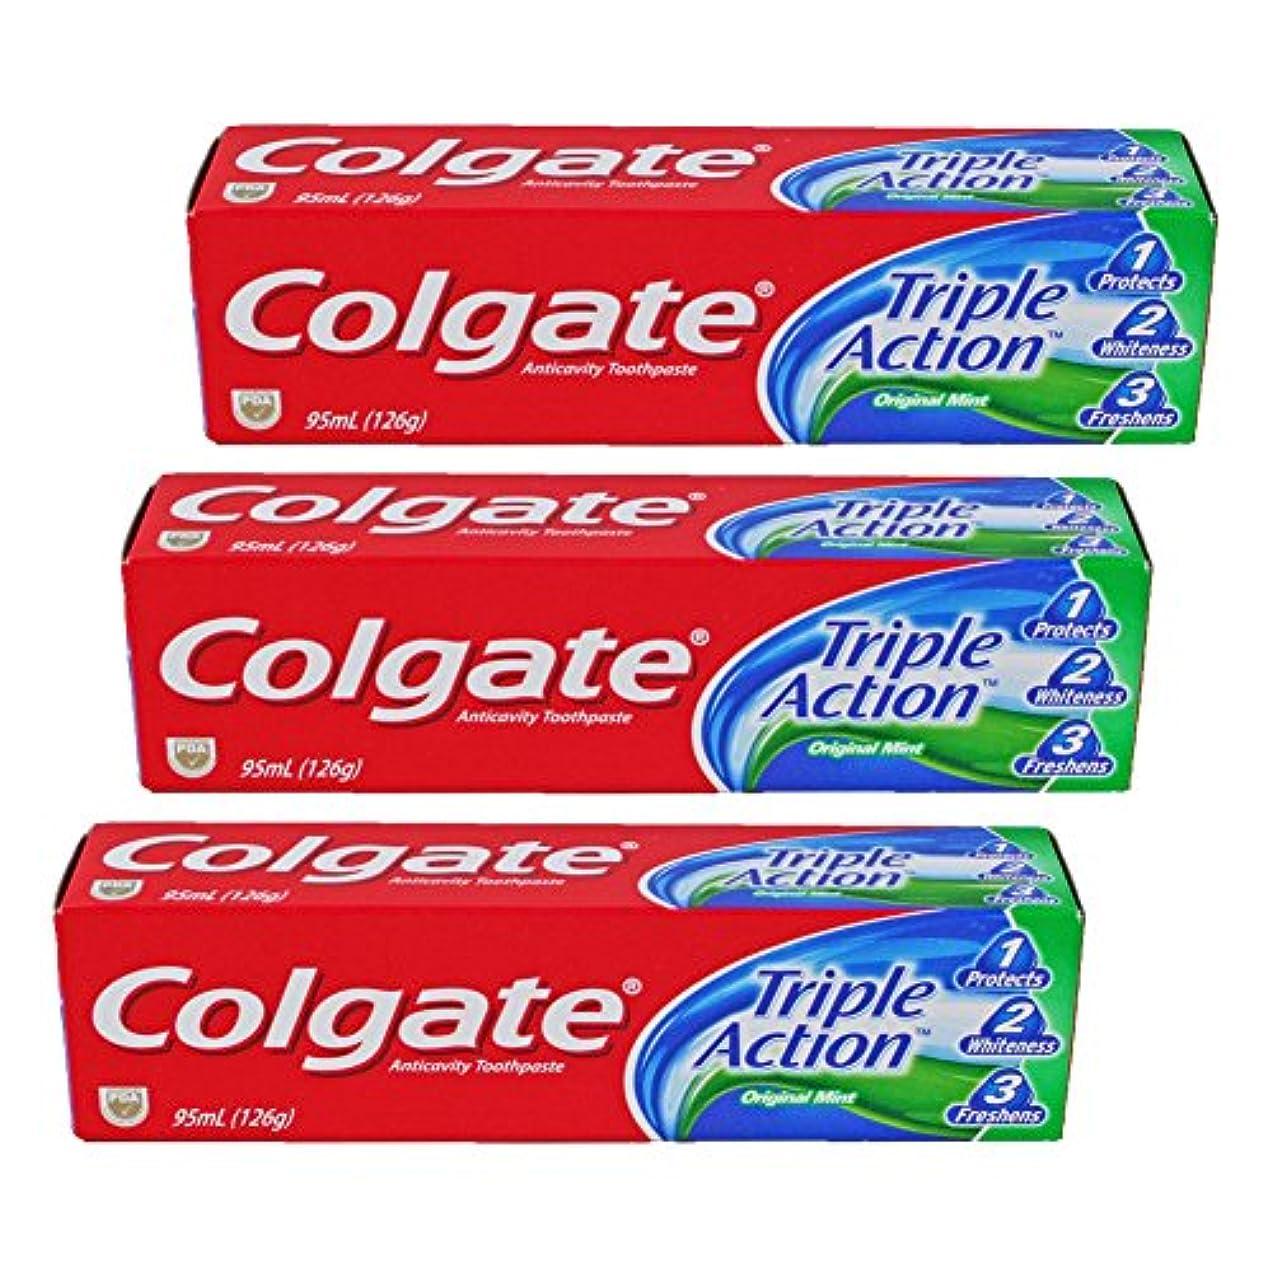 夏関税変色するコルゲート Colgate Triple Action (95mL)126g 3個セット [並行輸入品]